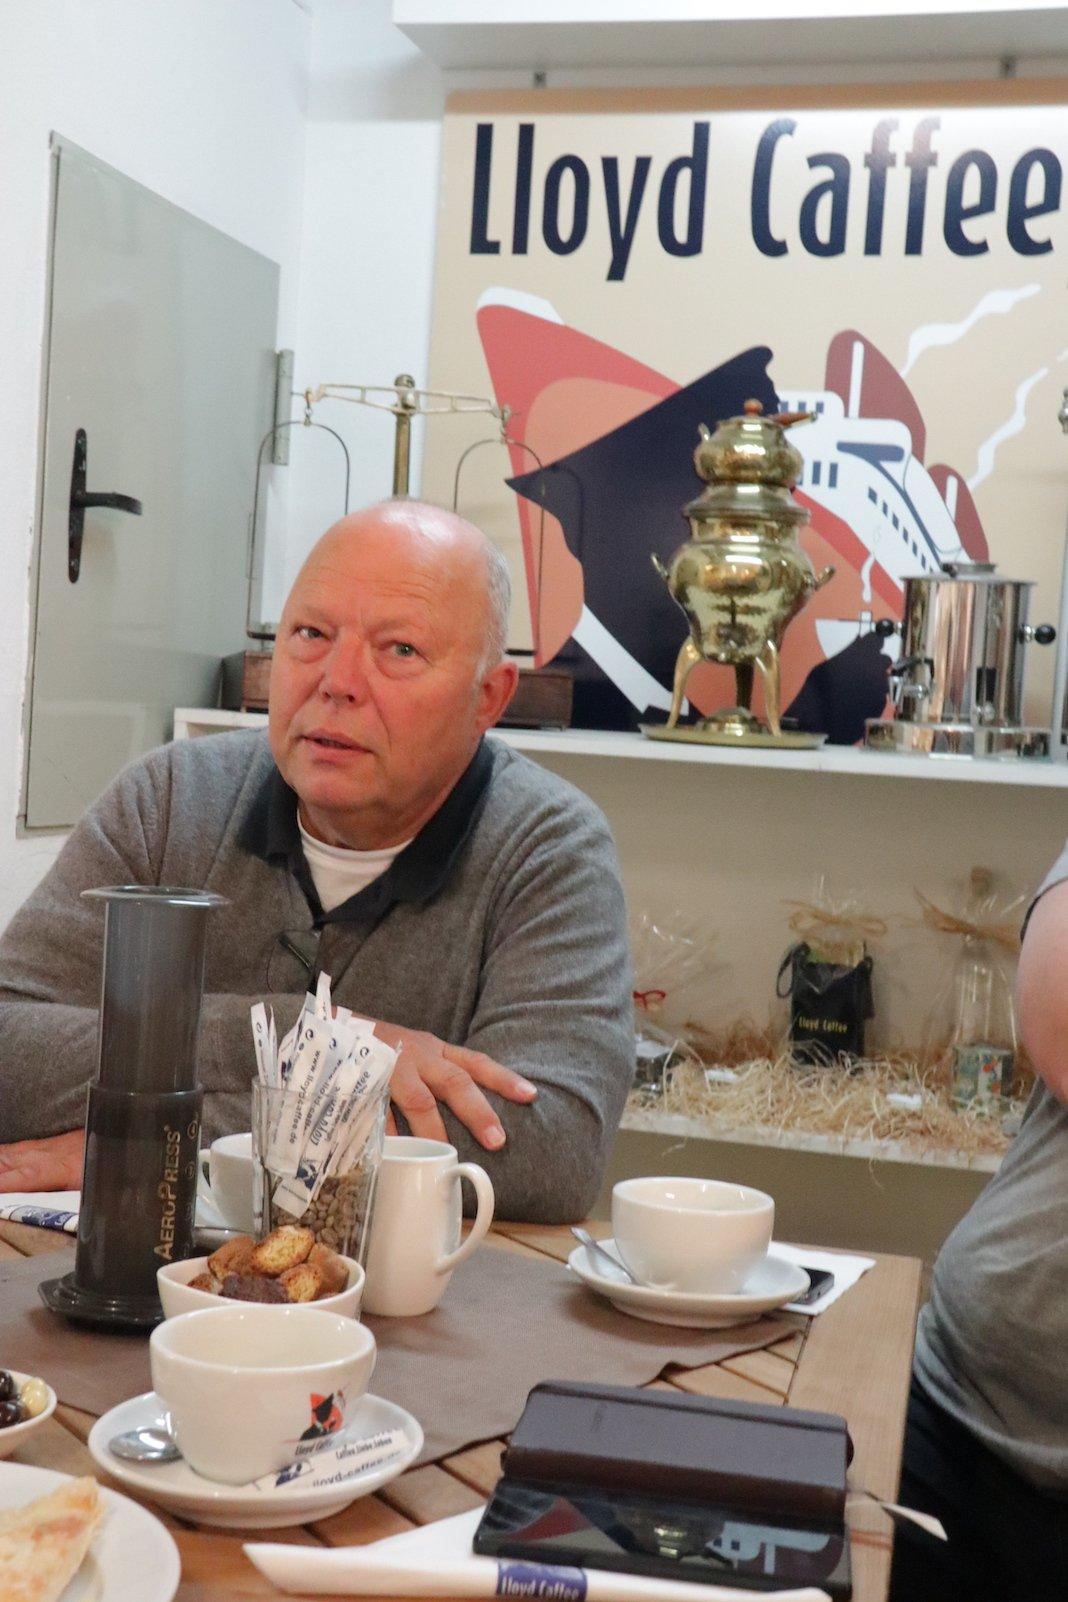 Christian Ritschel, Geschäftsführer Lloyd Caffee bei seinen Erzählungen